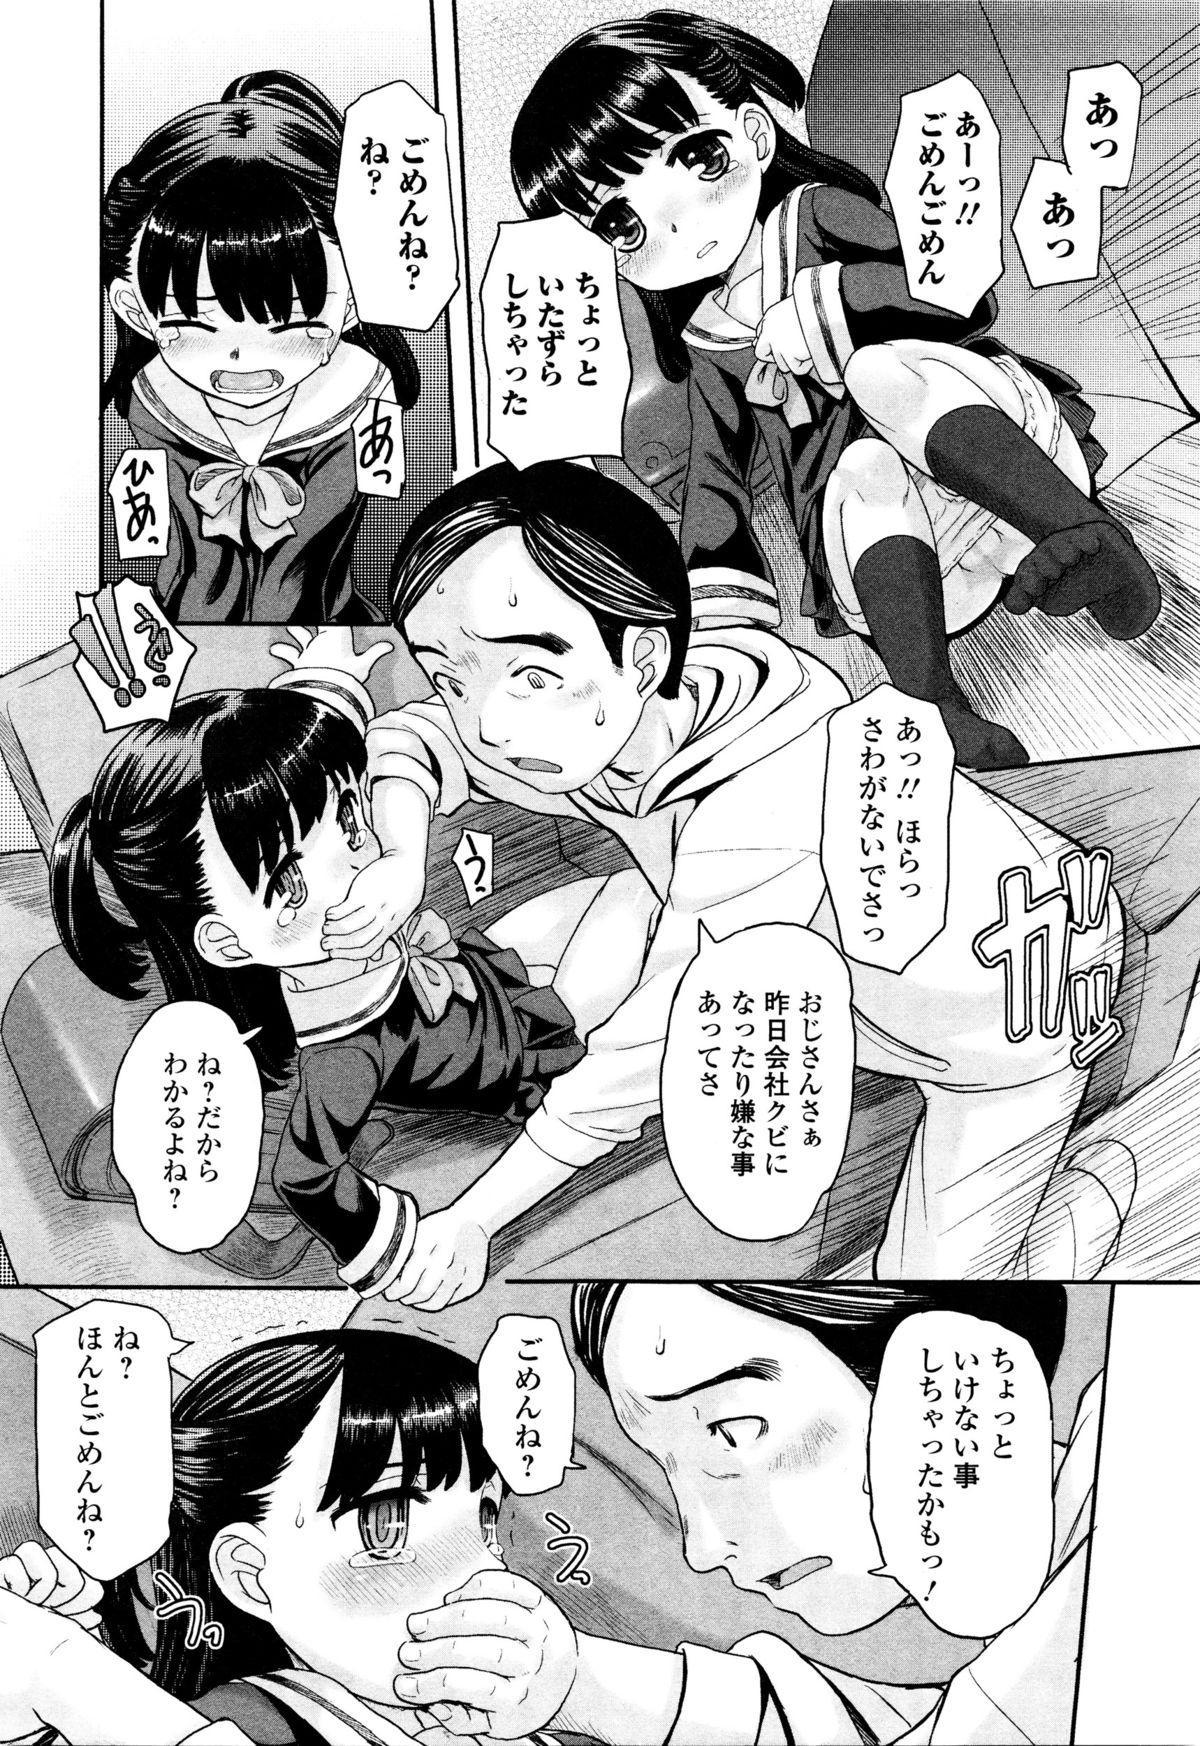 COMIC Mate Legend Vol. 7 2016-02 167